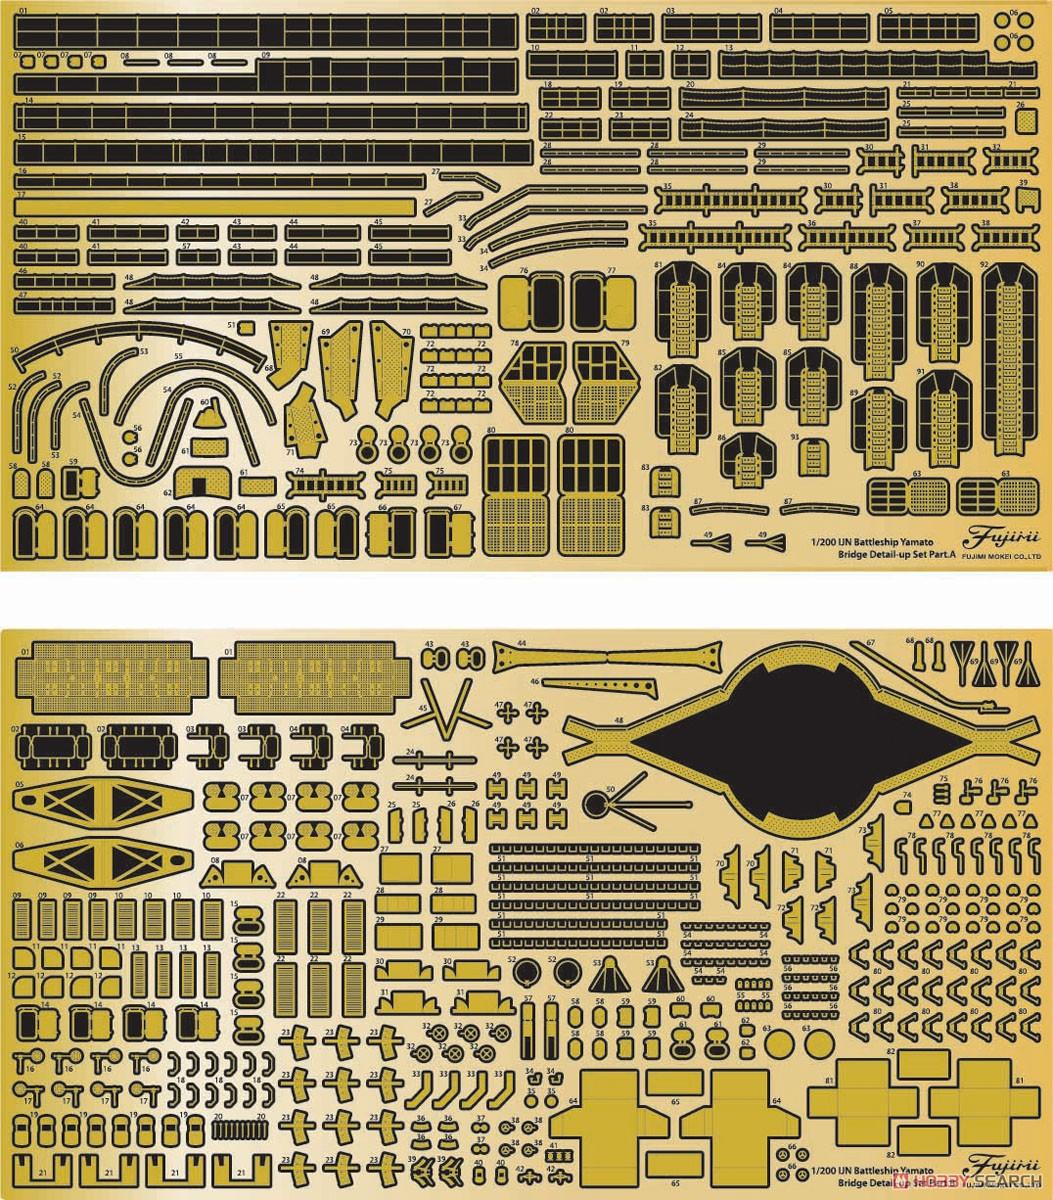 集める装備品シリーズ No.2 EX-1『戦艦大和 艦橋 特別仕様(純正エッチングパーツ付き)』1/200 プラモデル-004